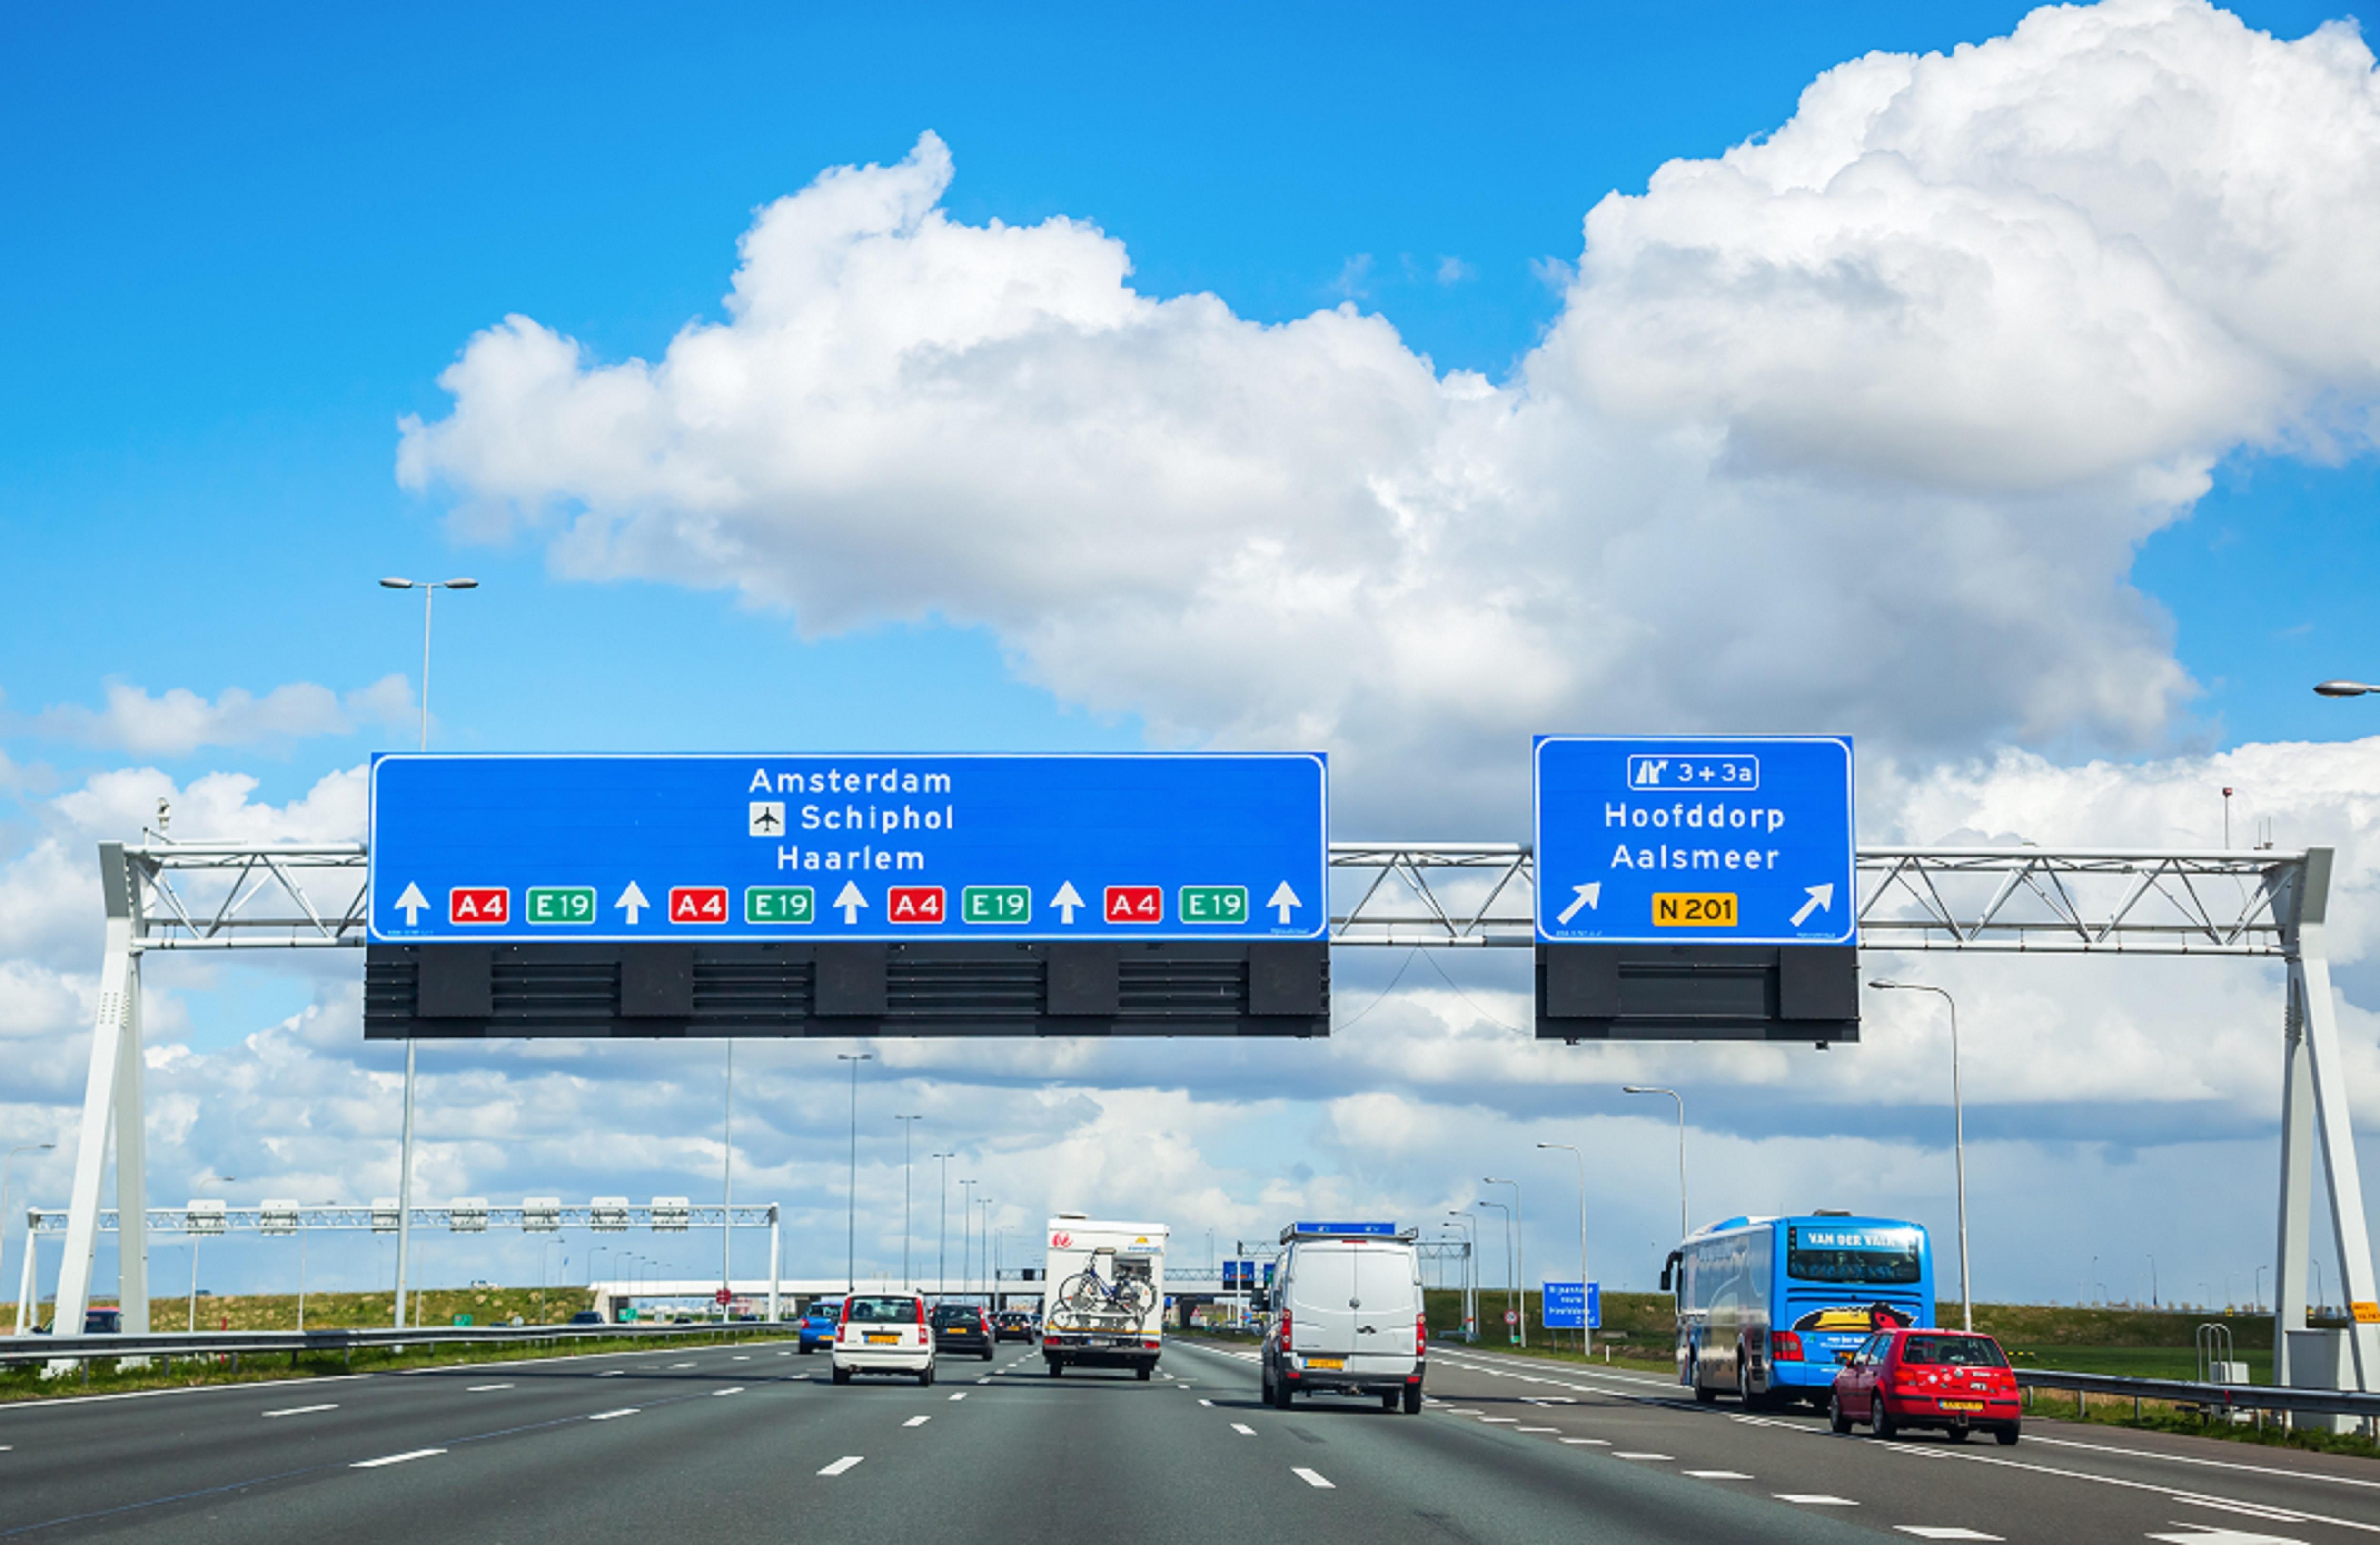 Flinke verkeershinder verwacht op A4 in Haarlemmermeer, minder rijstroken beschikbaar vanwege werkzaamheden